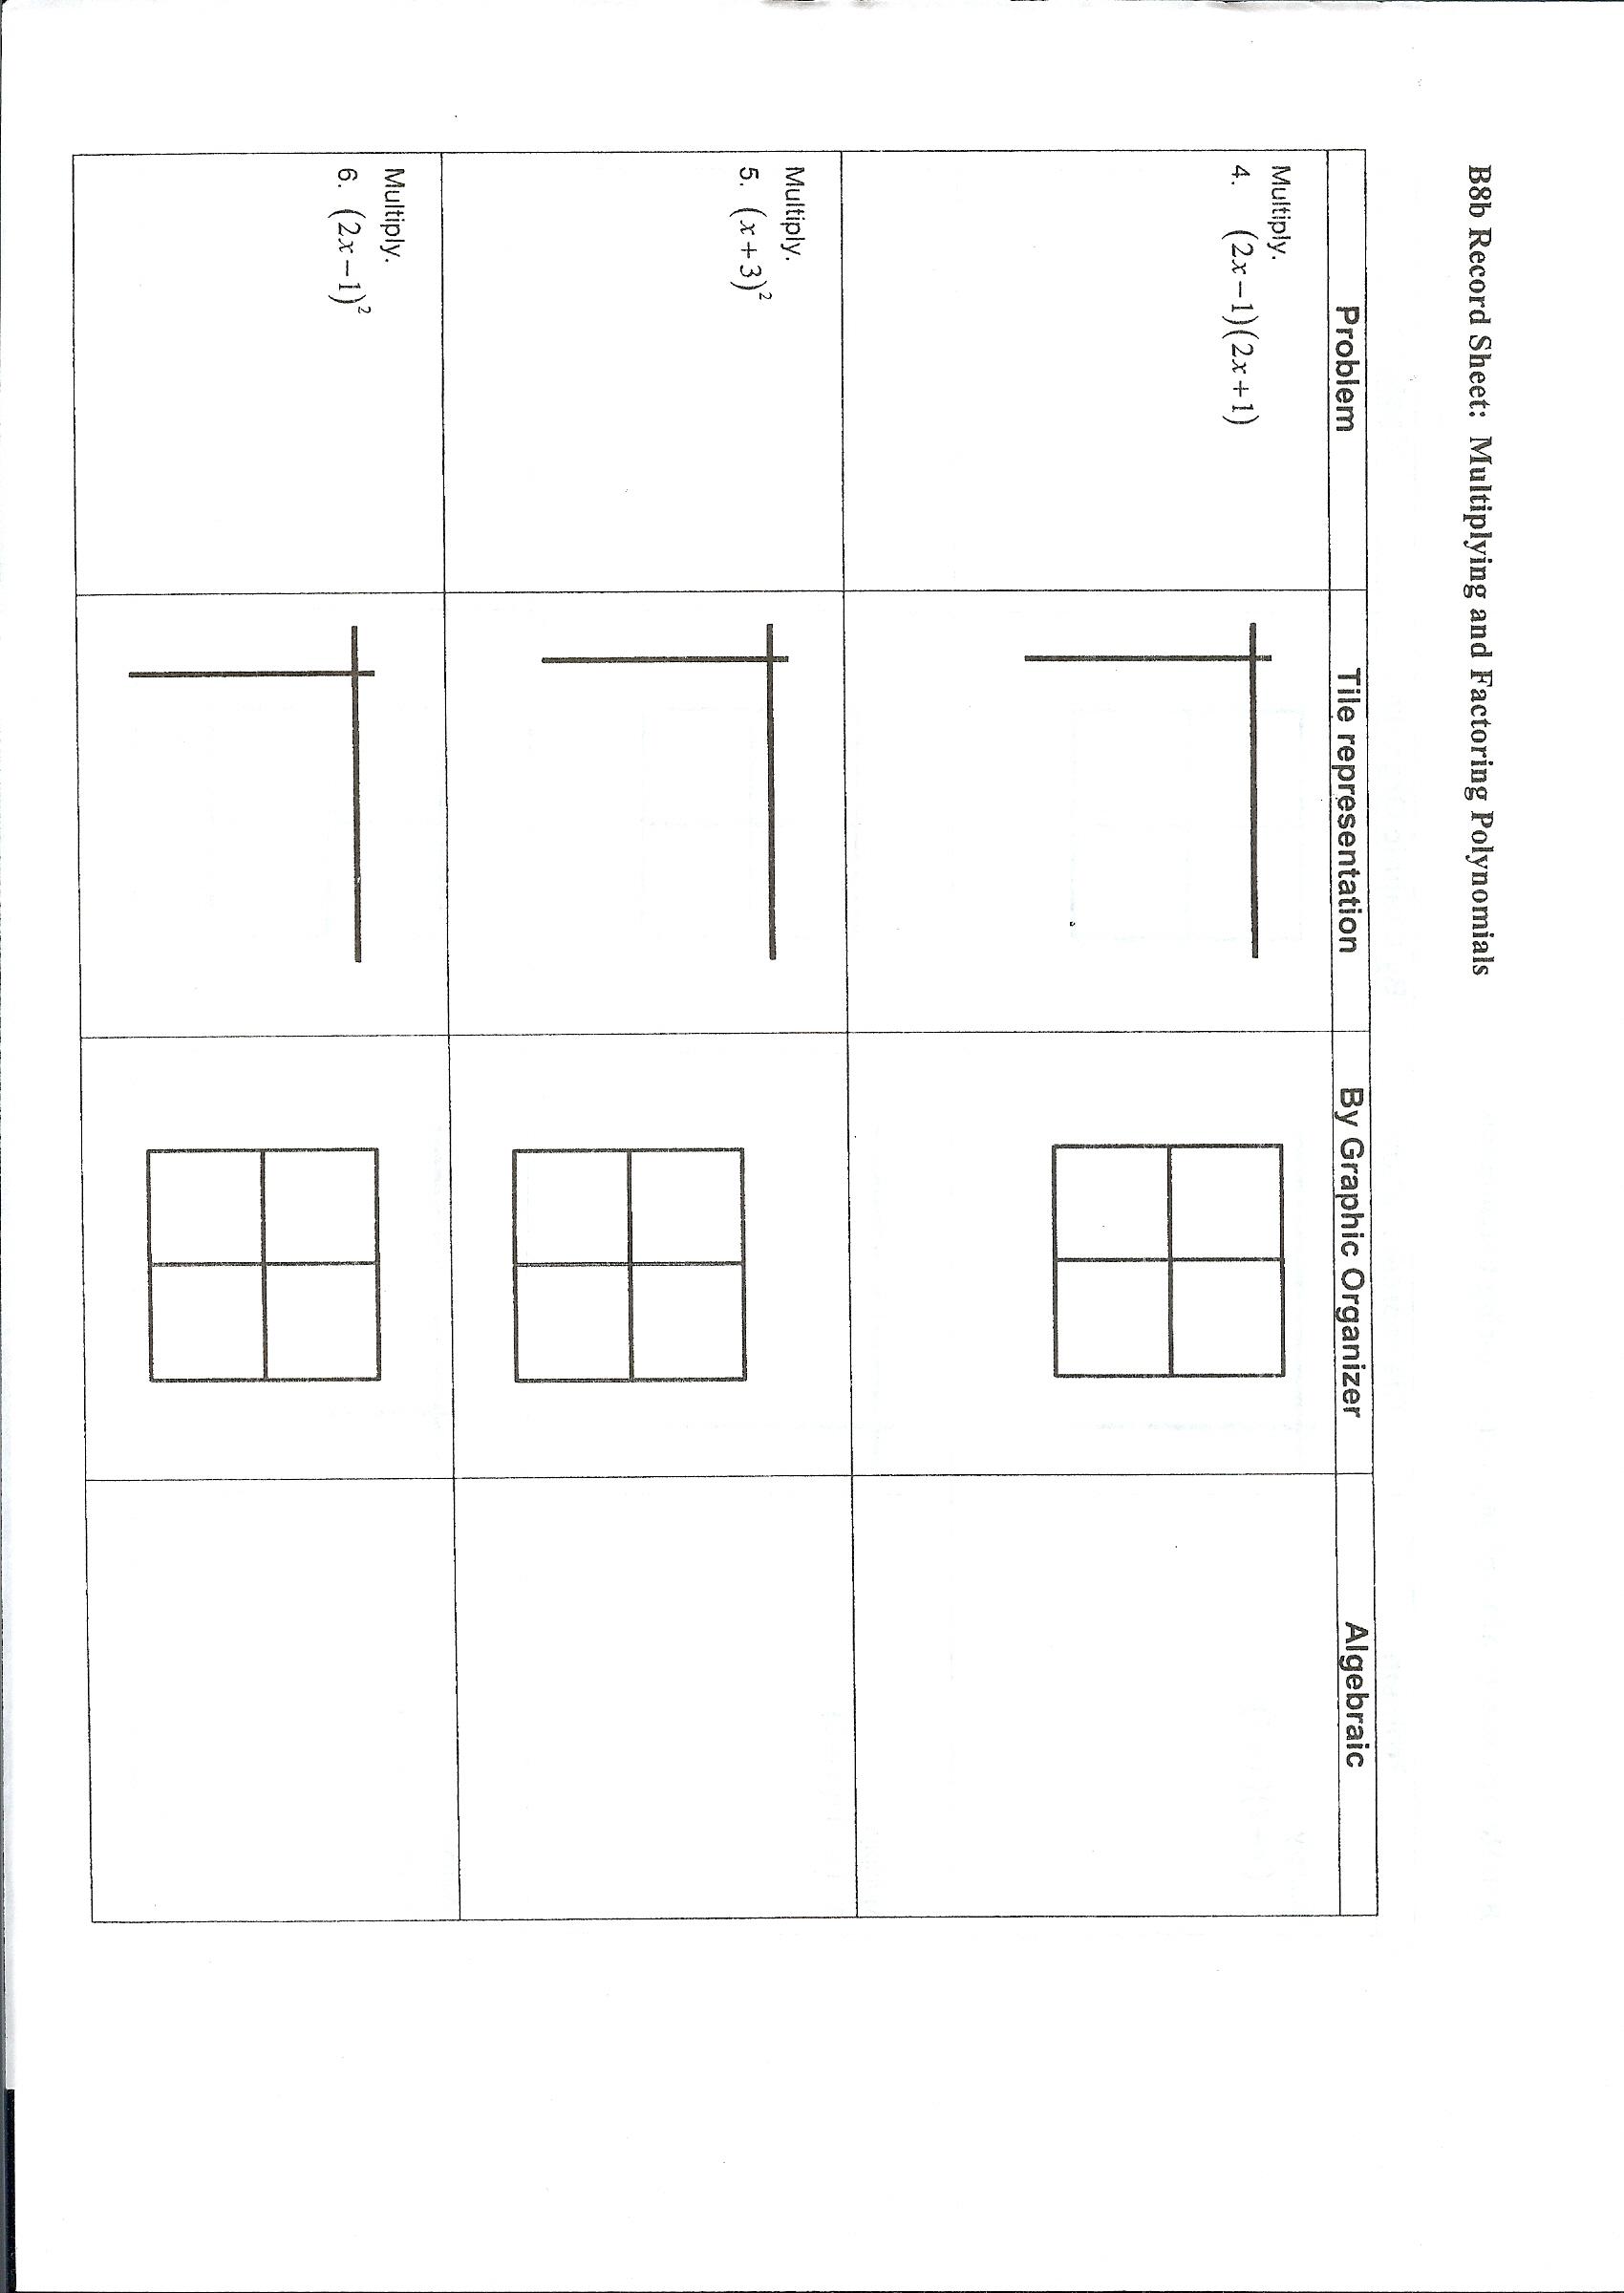 algebra tile template - northonjobs worksheet and essay site for children